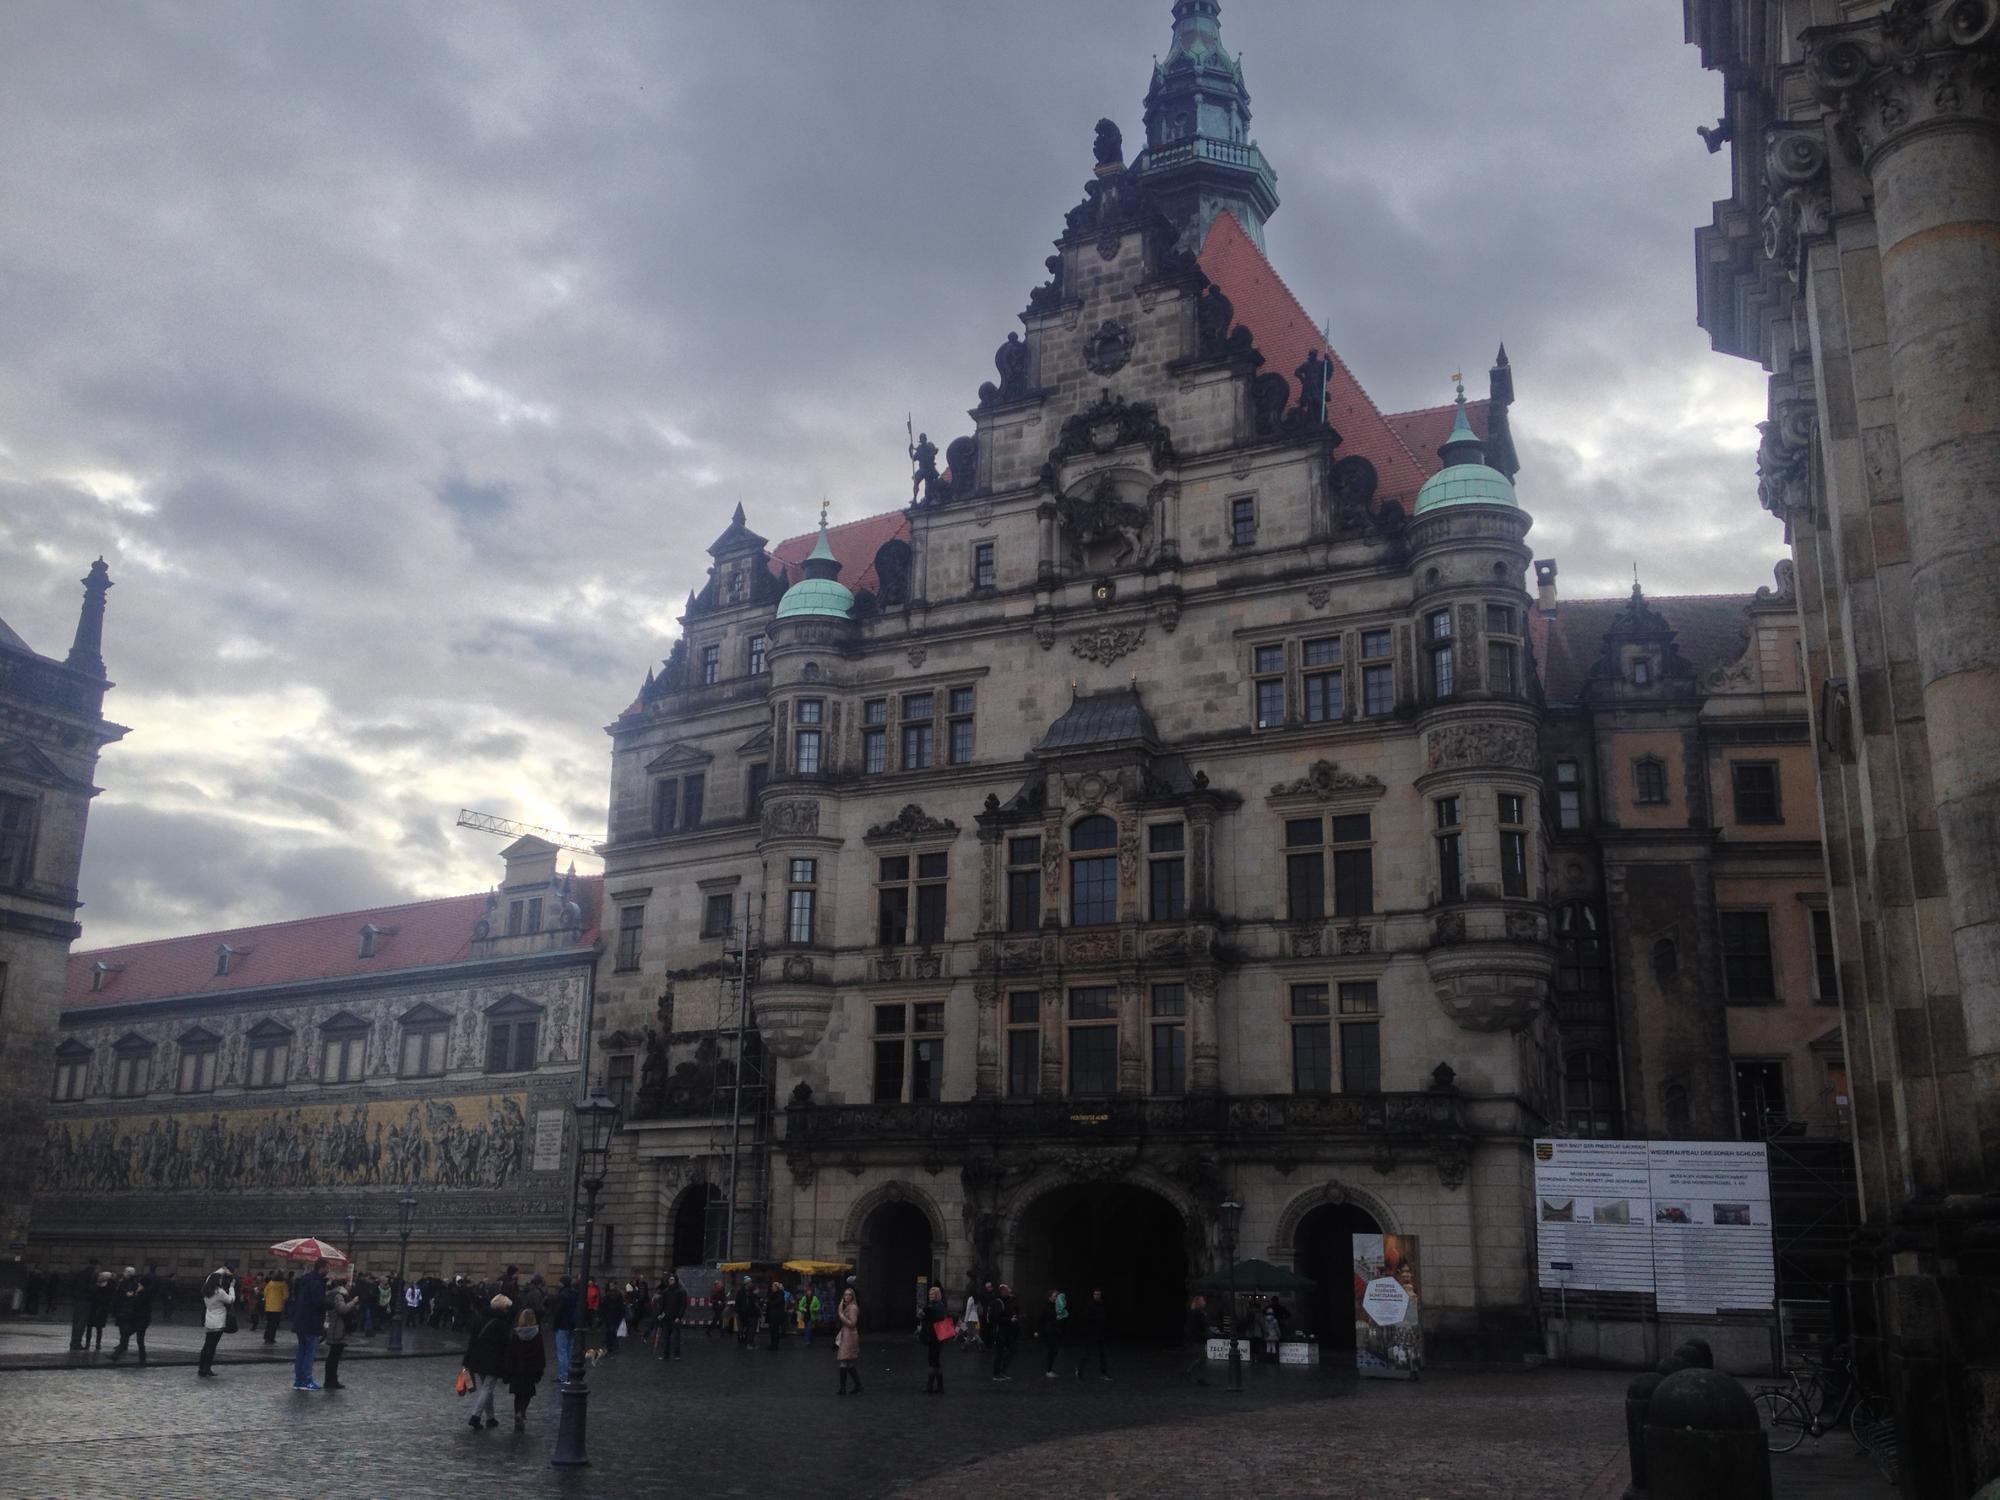 🇩🇪 Дрезден, Германия, декабрь 2015.